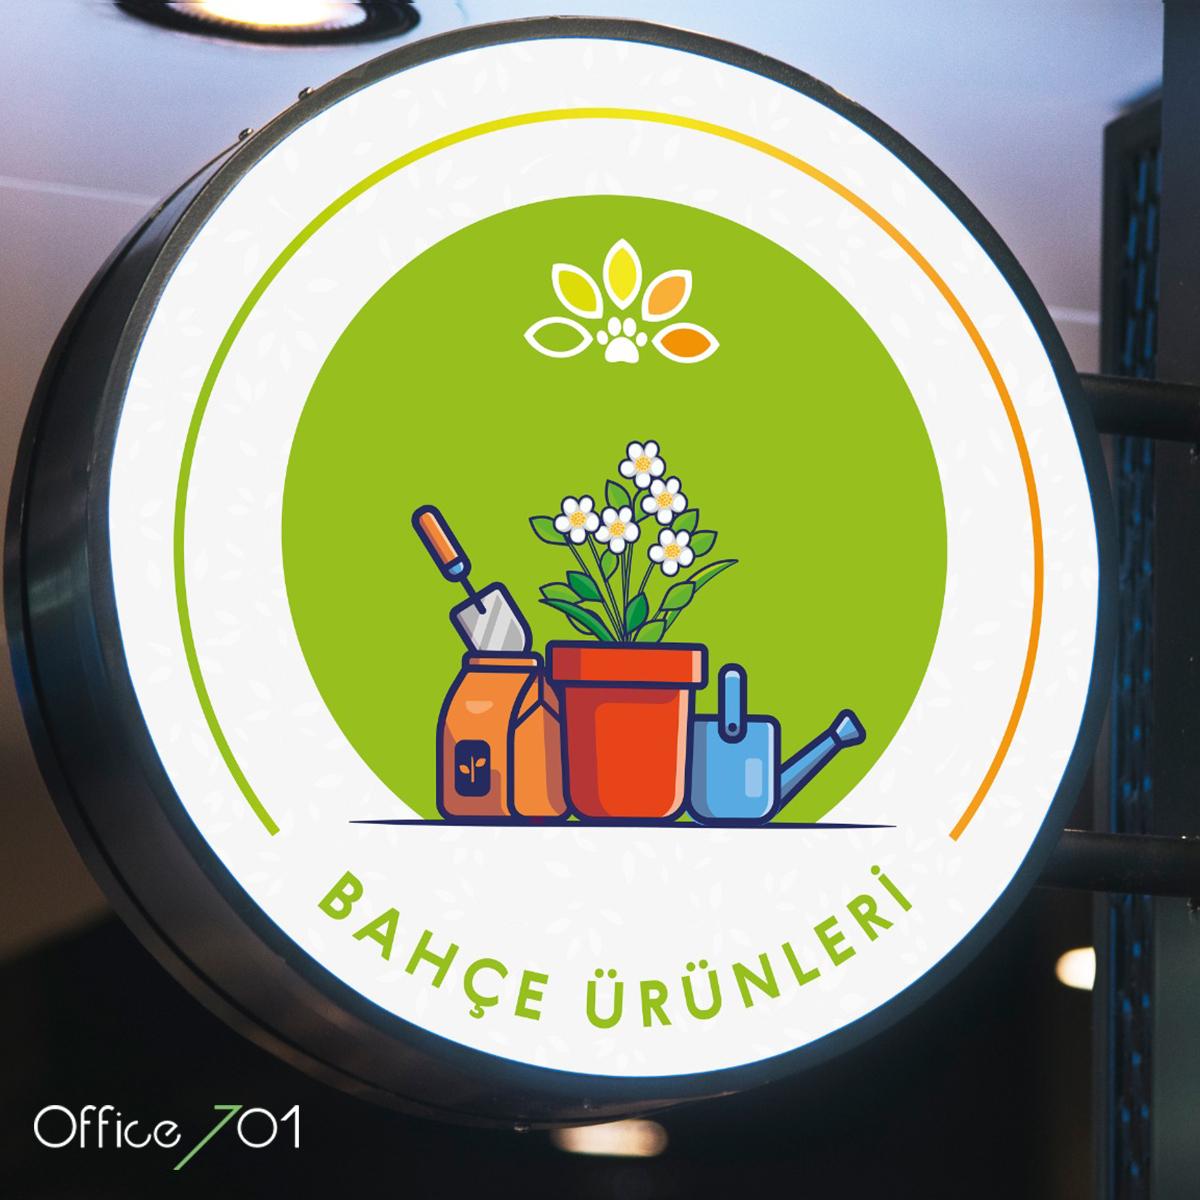 Office701 | Ege Bahçesi Tabela Tasarımı